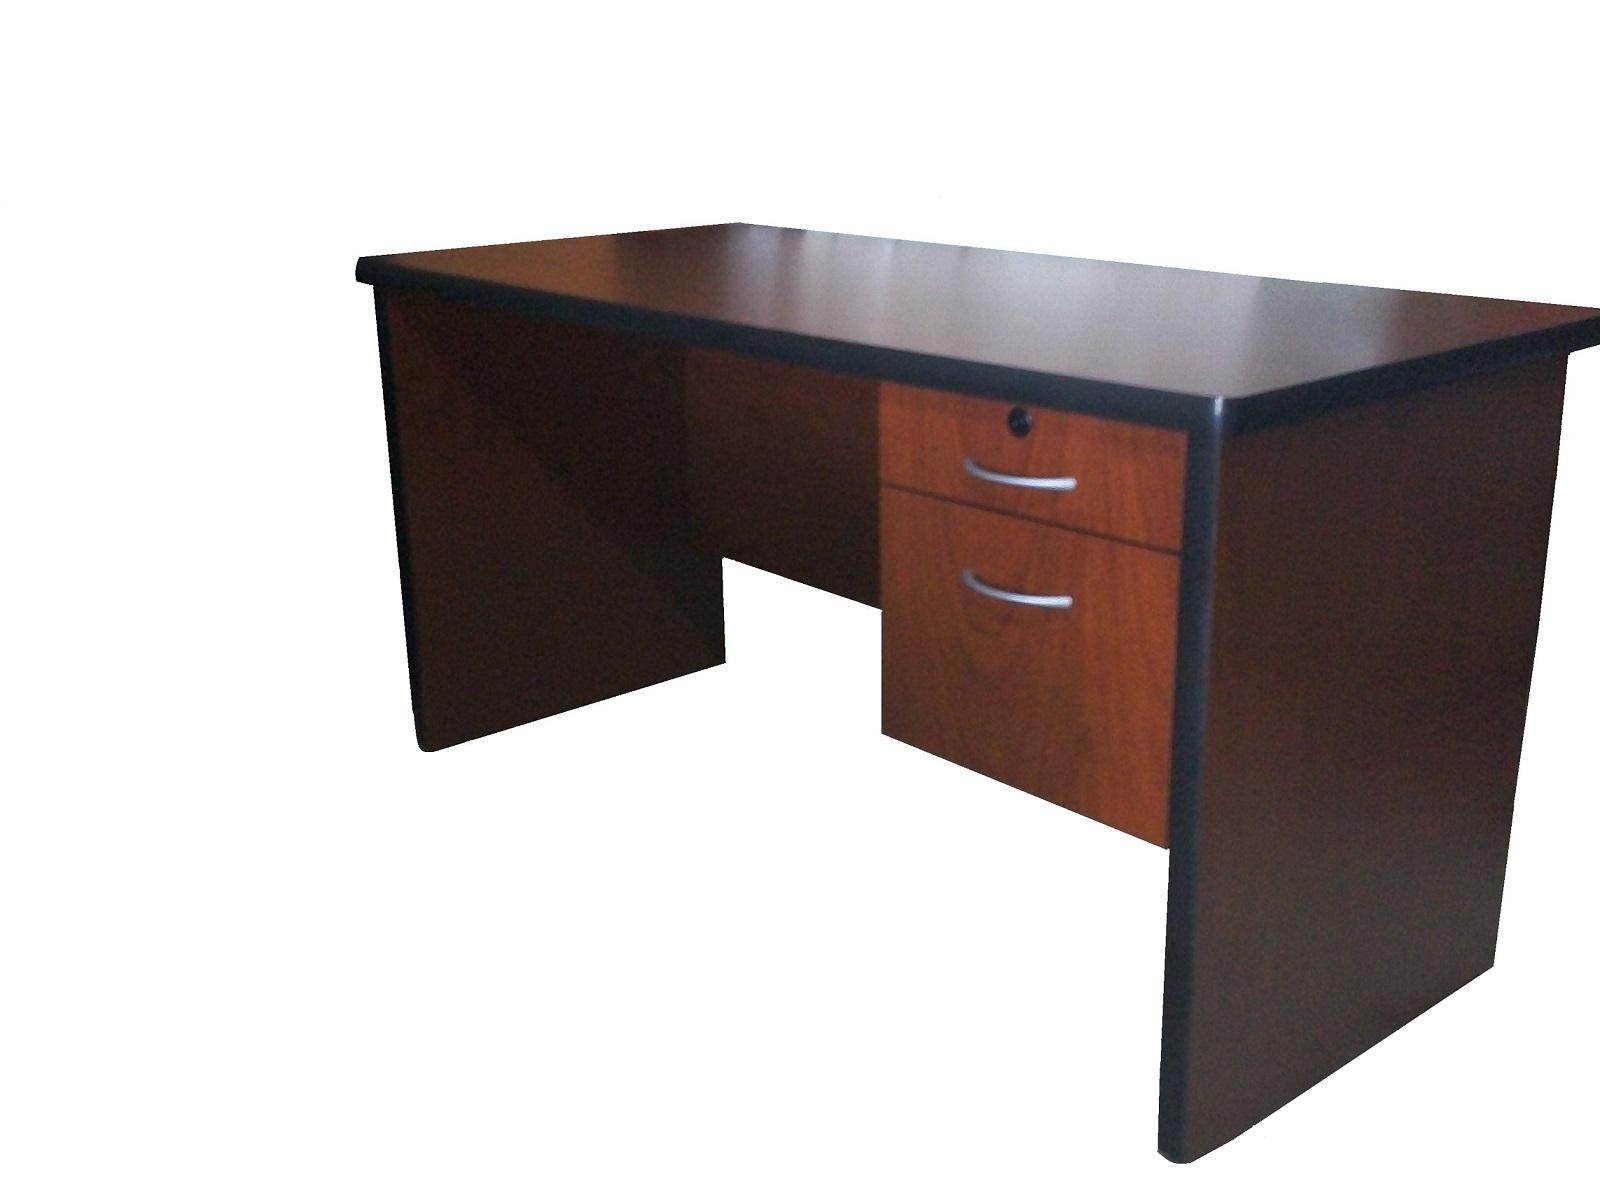 Escritorio stark con cajones proyesa tampico muebles para oficinas y escuelas en tampico - Escritorio cajones ...